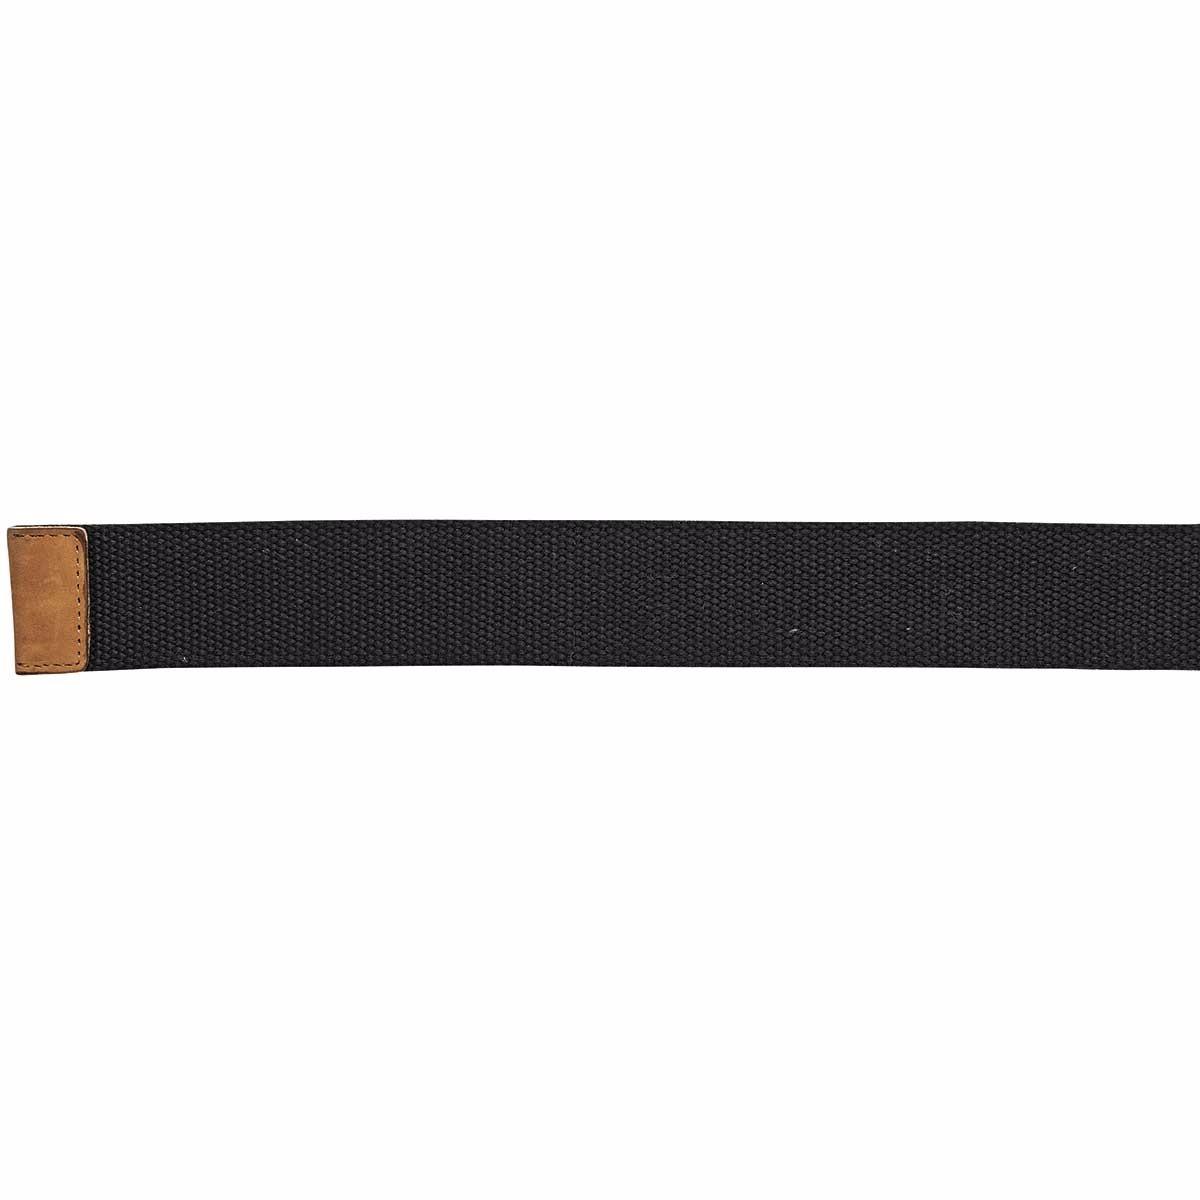 Paquete De 3 Cinturones Para Caballero Marca Polo Hpc -   975.00 en ... 8ce571bc97f9